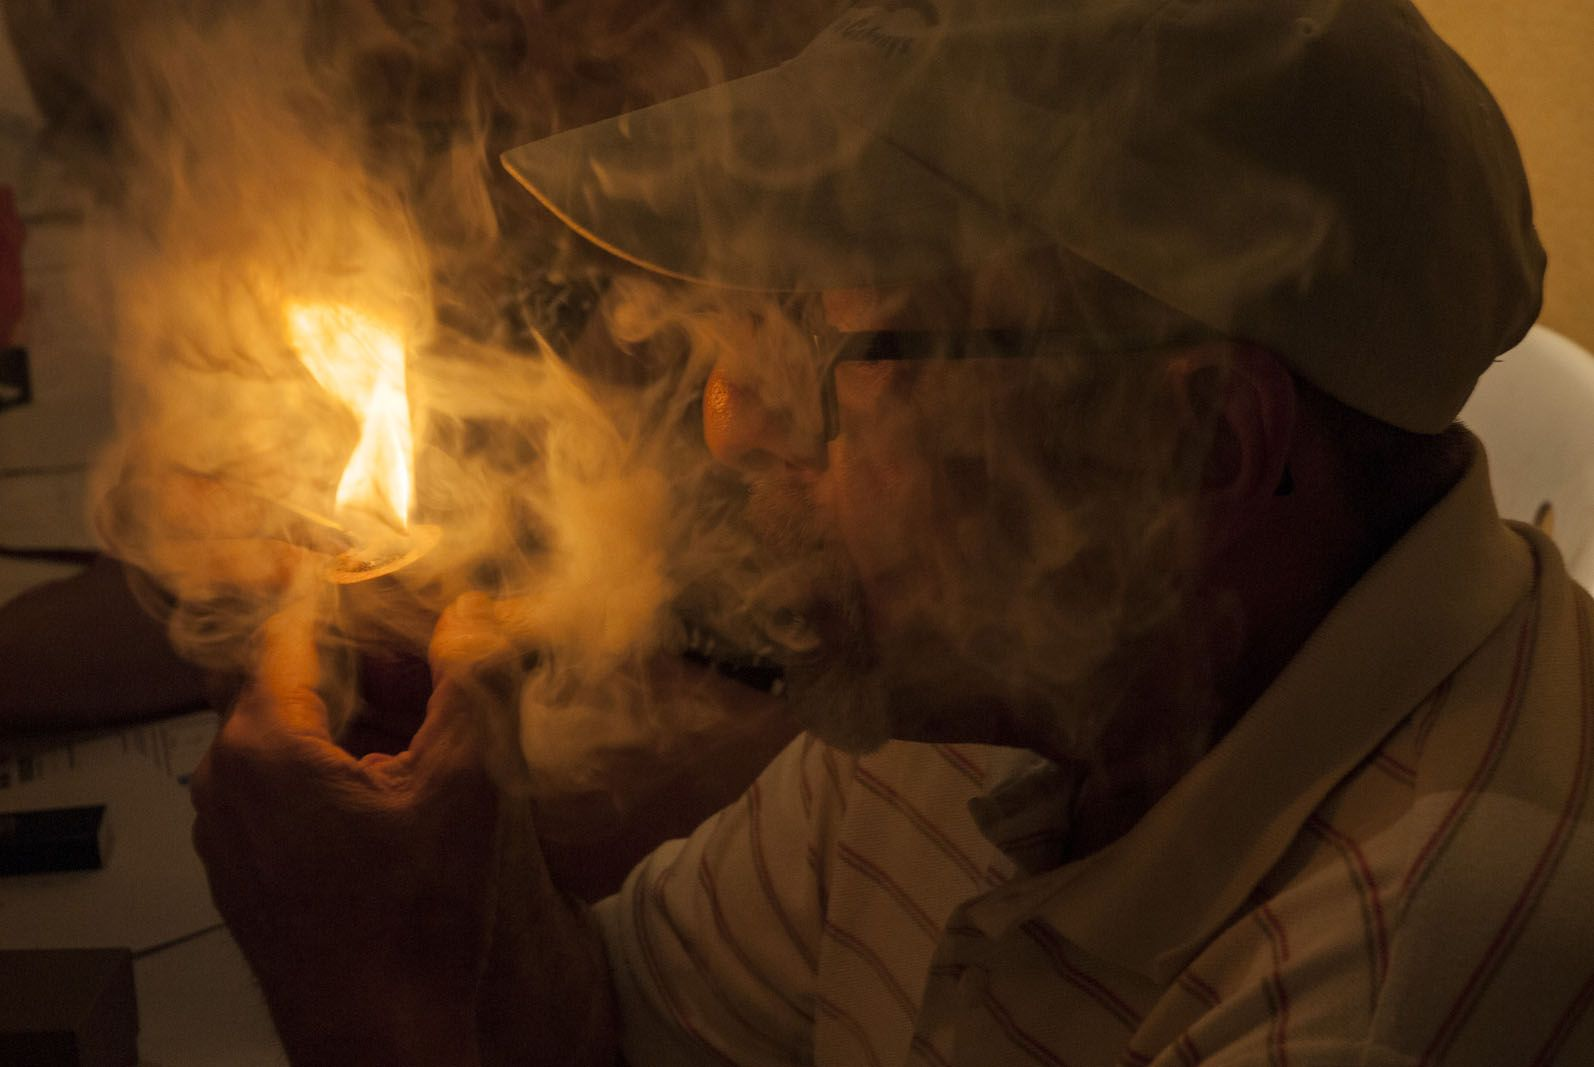 XXVII Fumada lenta de pipa. Ateneu. FOTOS: Aïda Sotelo